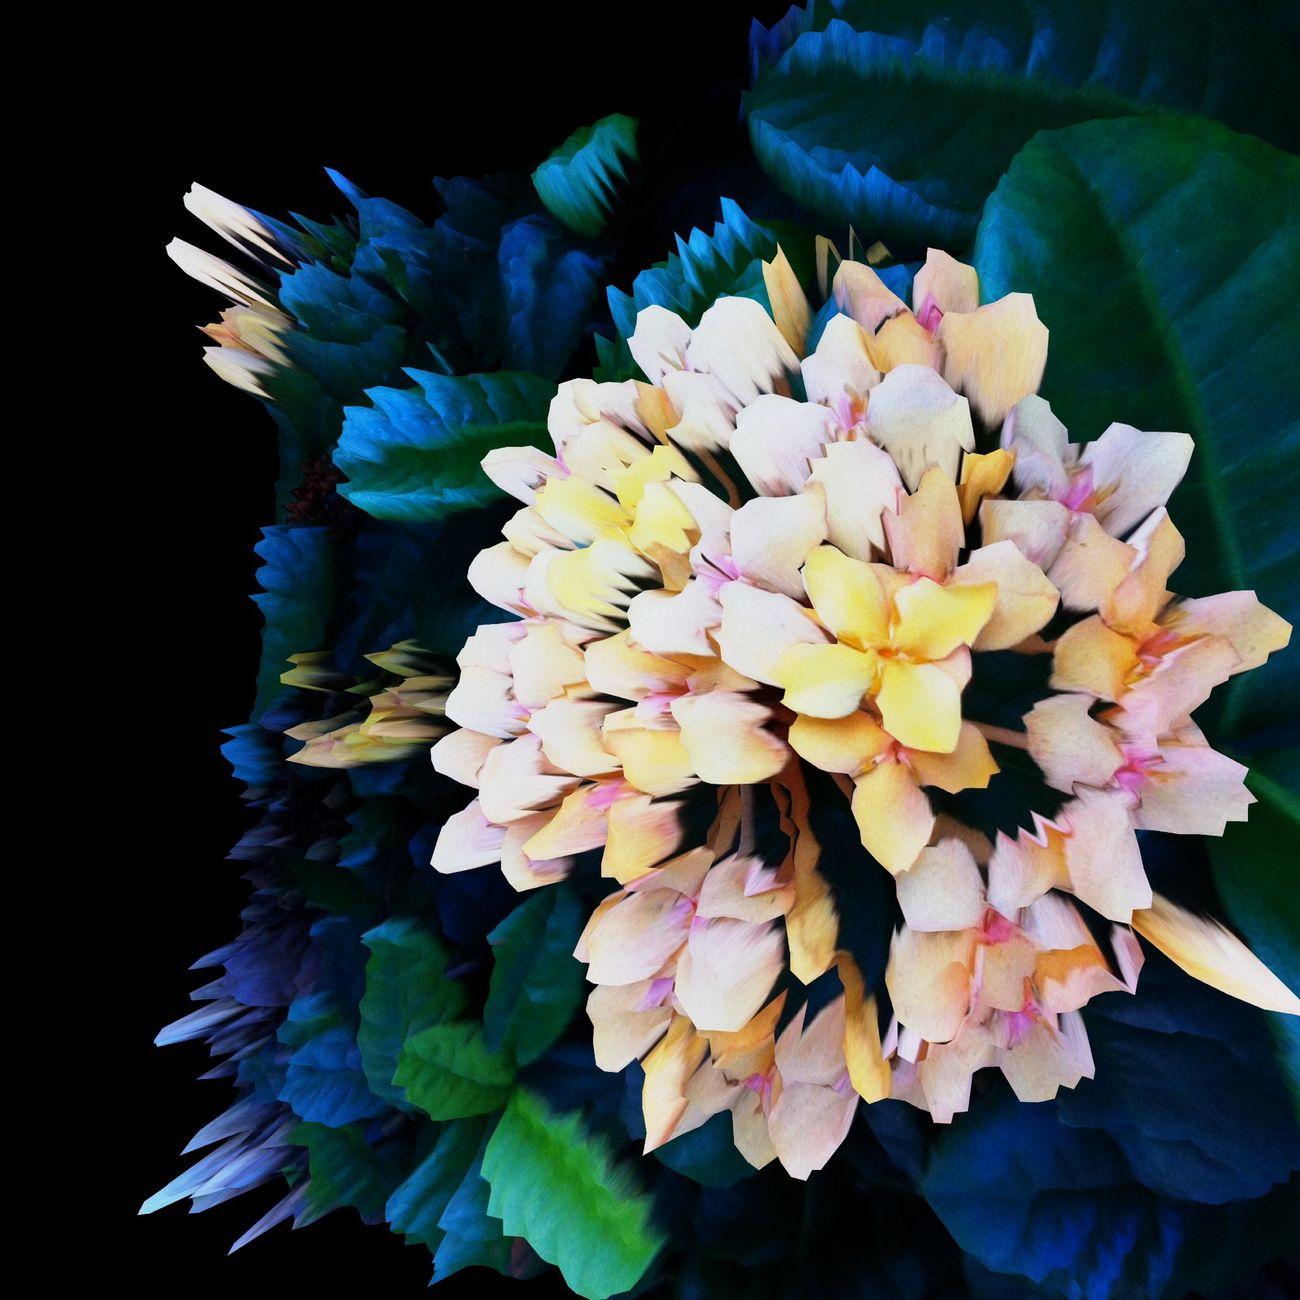 flickering flower Flowers Shootermag EyeEmBestEdits IPhone Art Taschen Things I Like